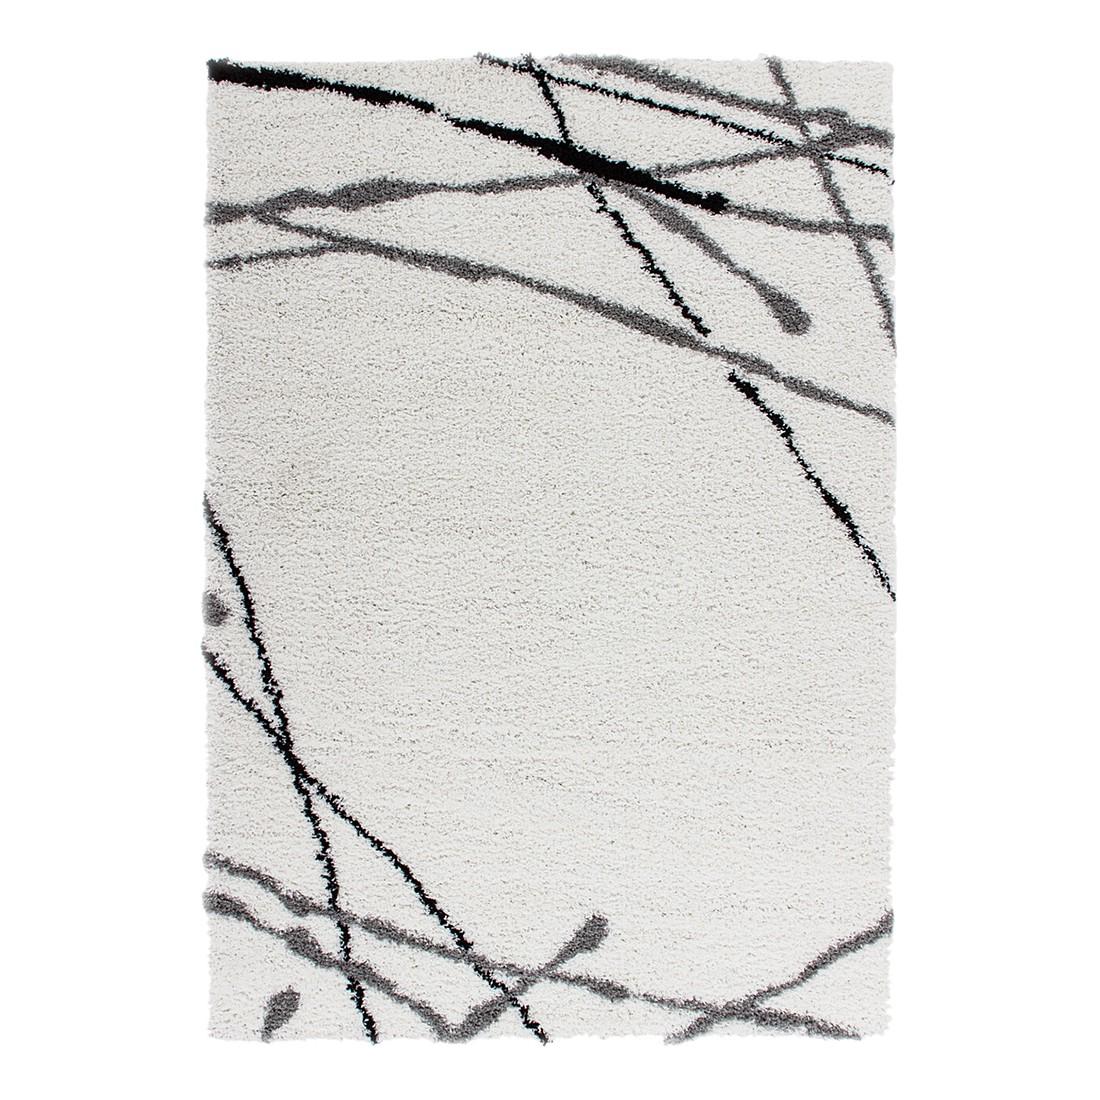 Teppich Bolivia – Santa Cruz – Weiß – 160 x 230 cm, Kayoom online kaufen